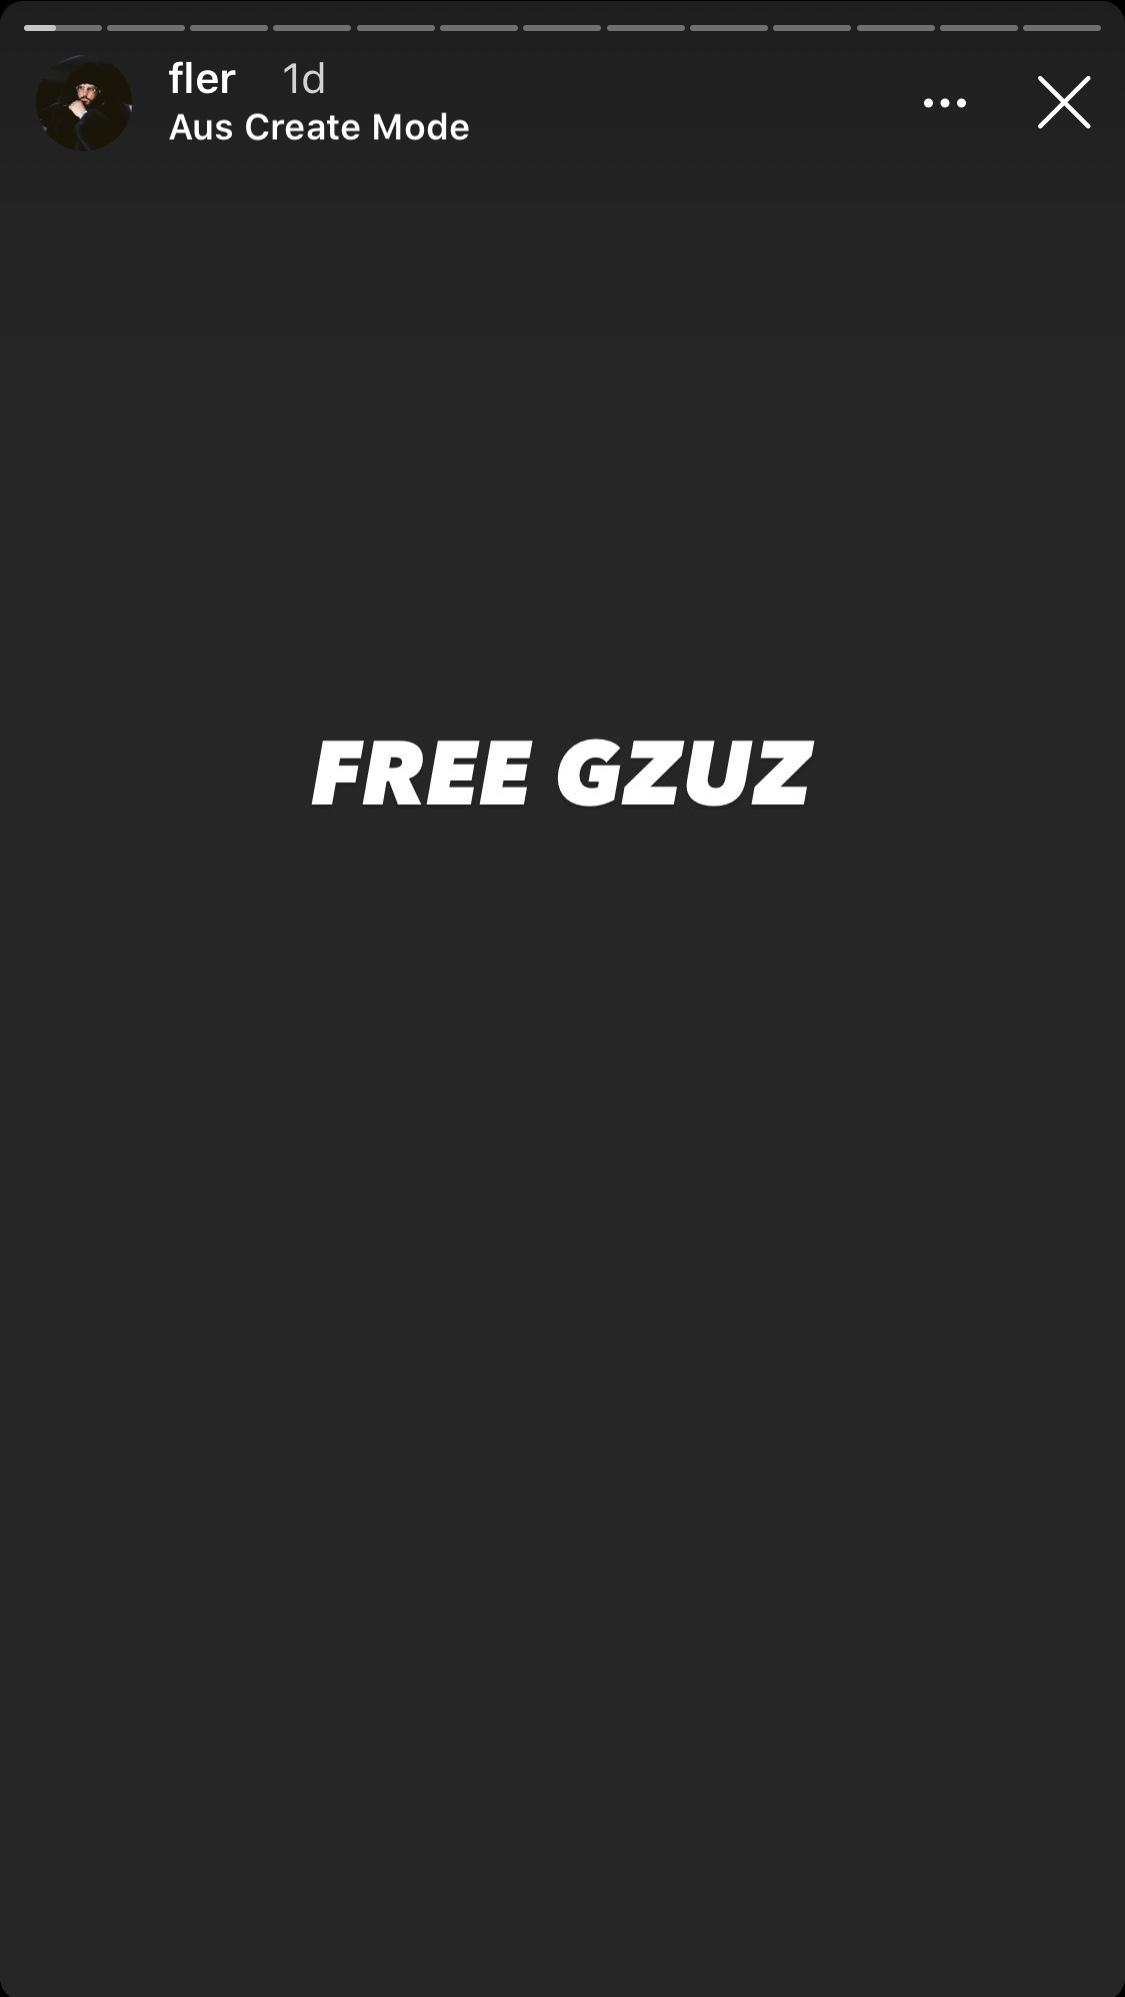 #FREEGZUZ